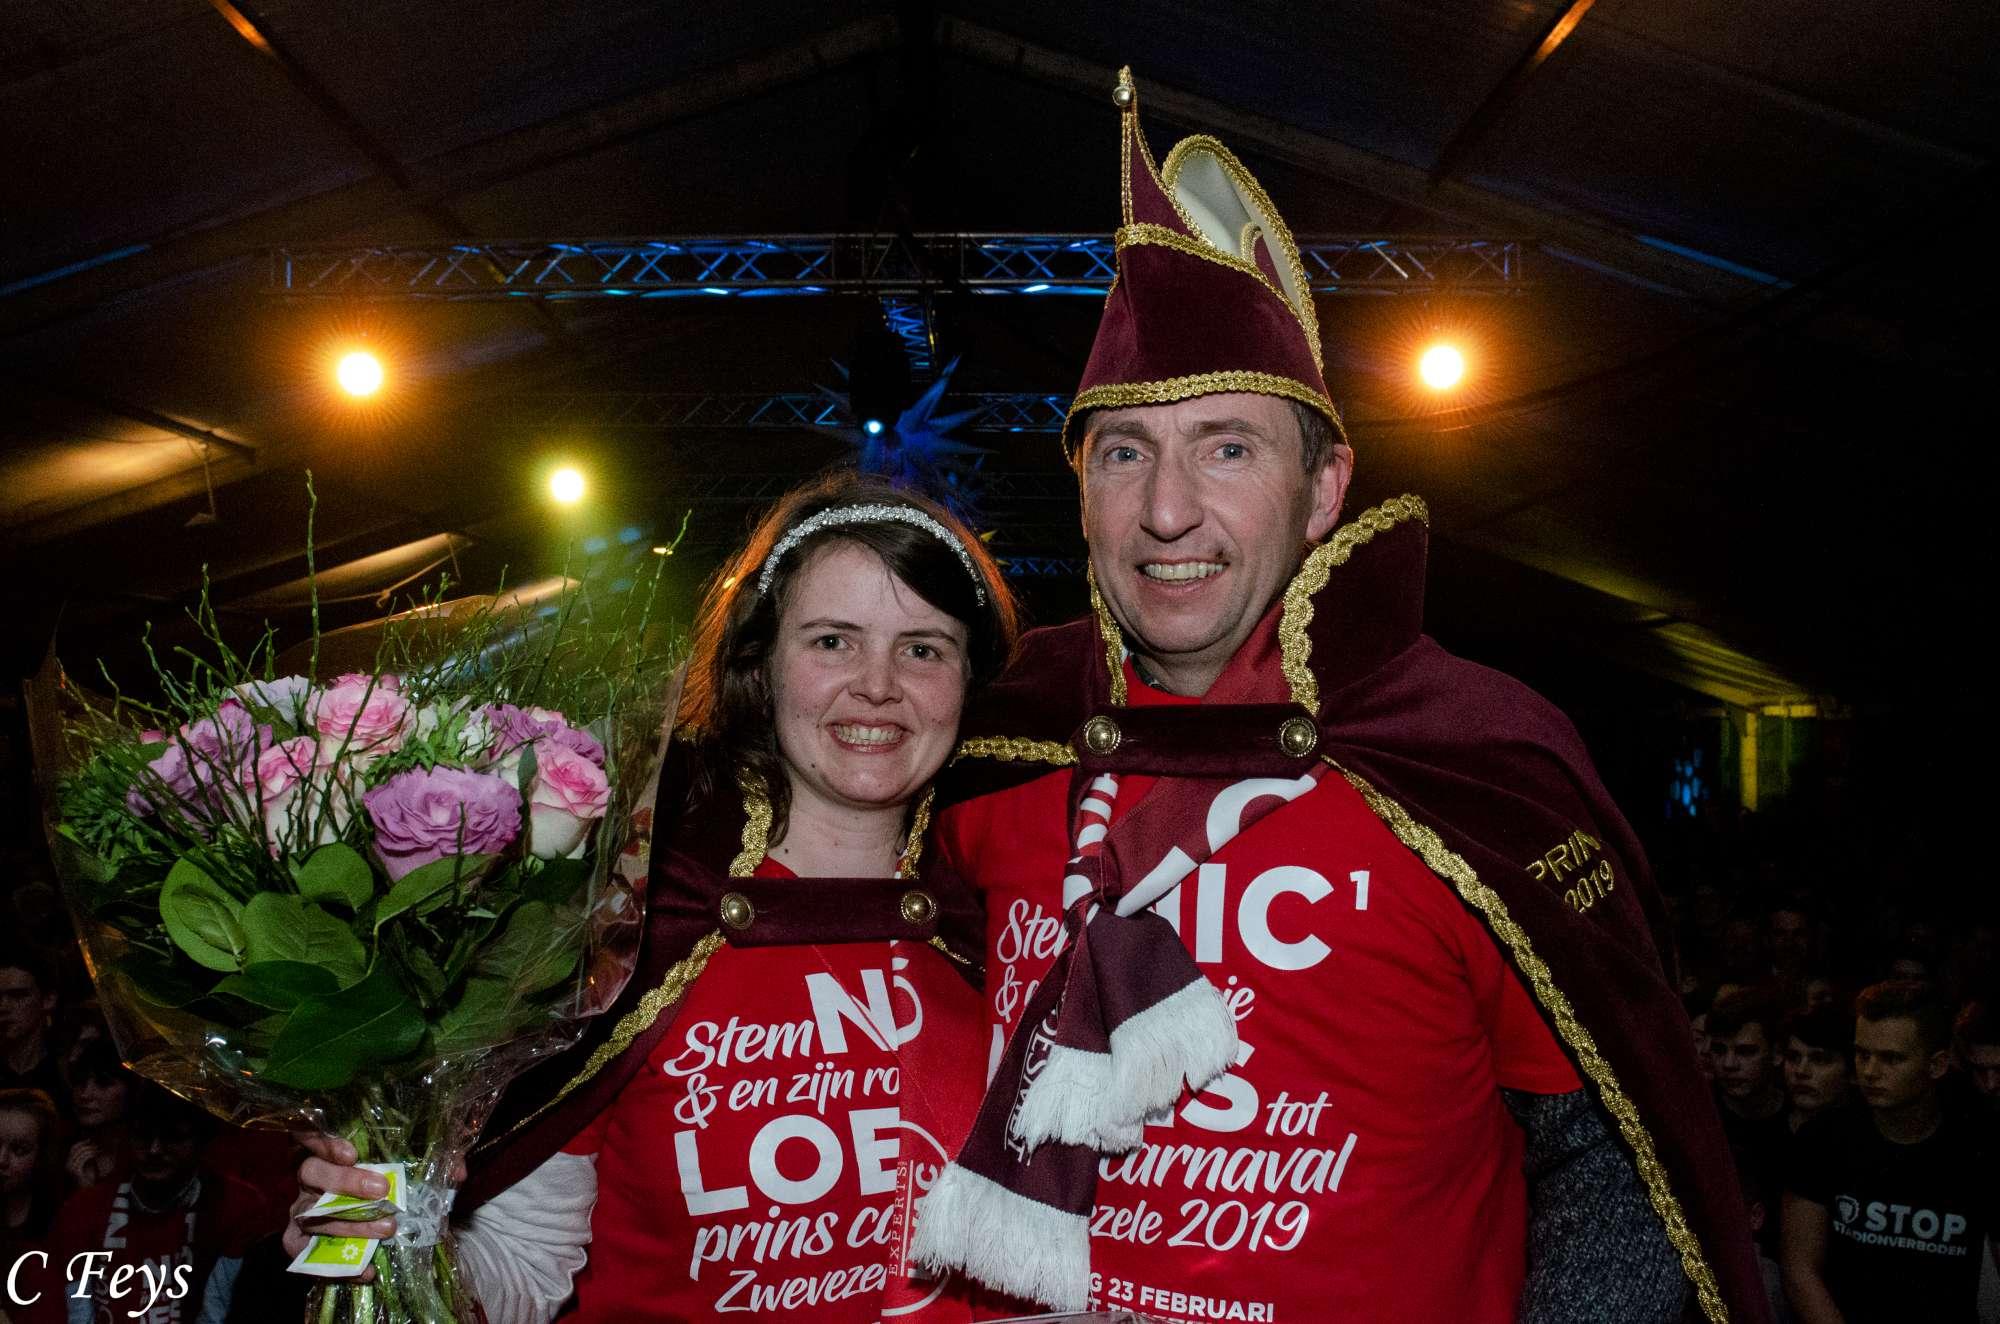 Nic 1 & Roosje Loes prins carnaval 2019